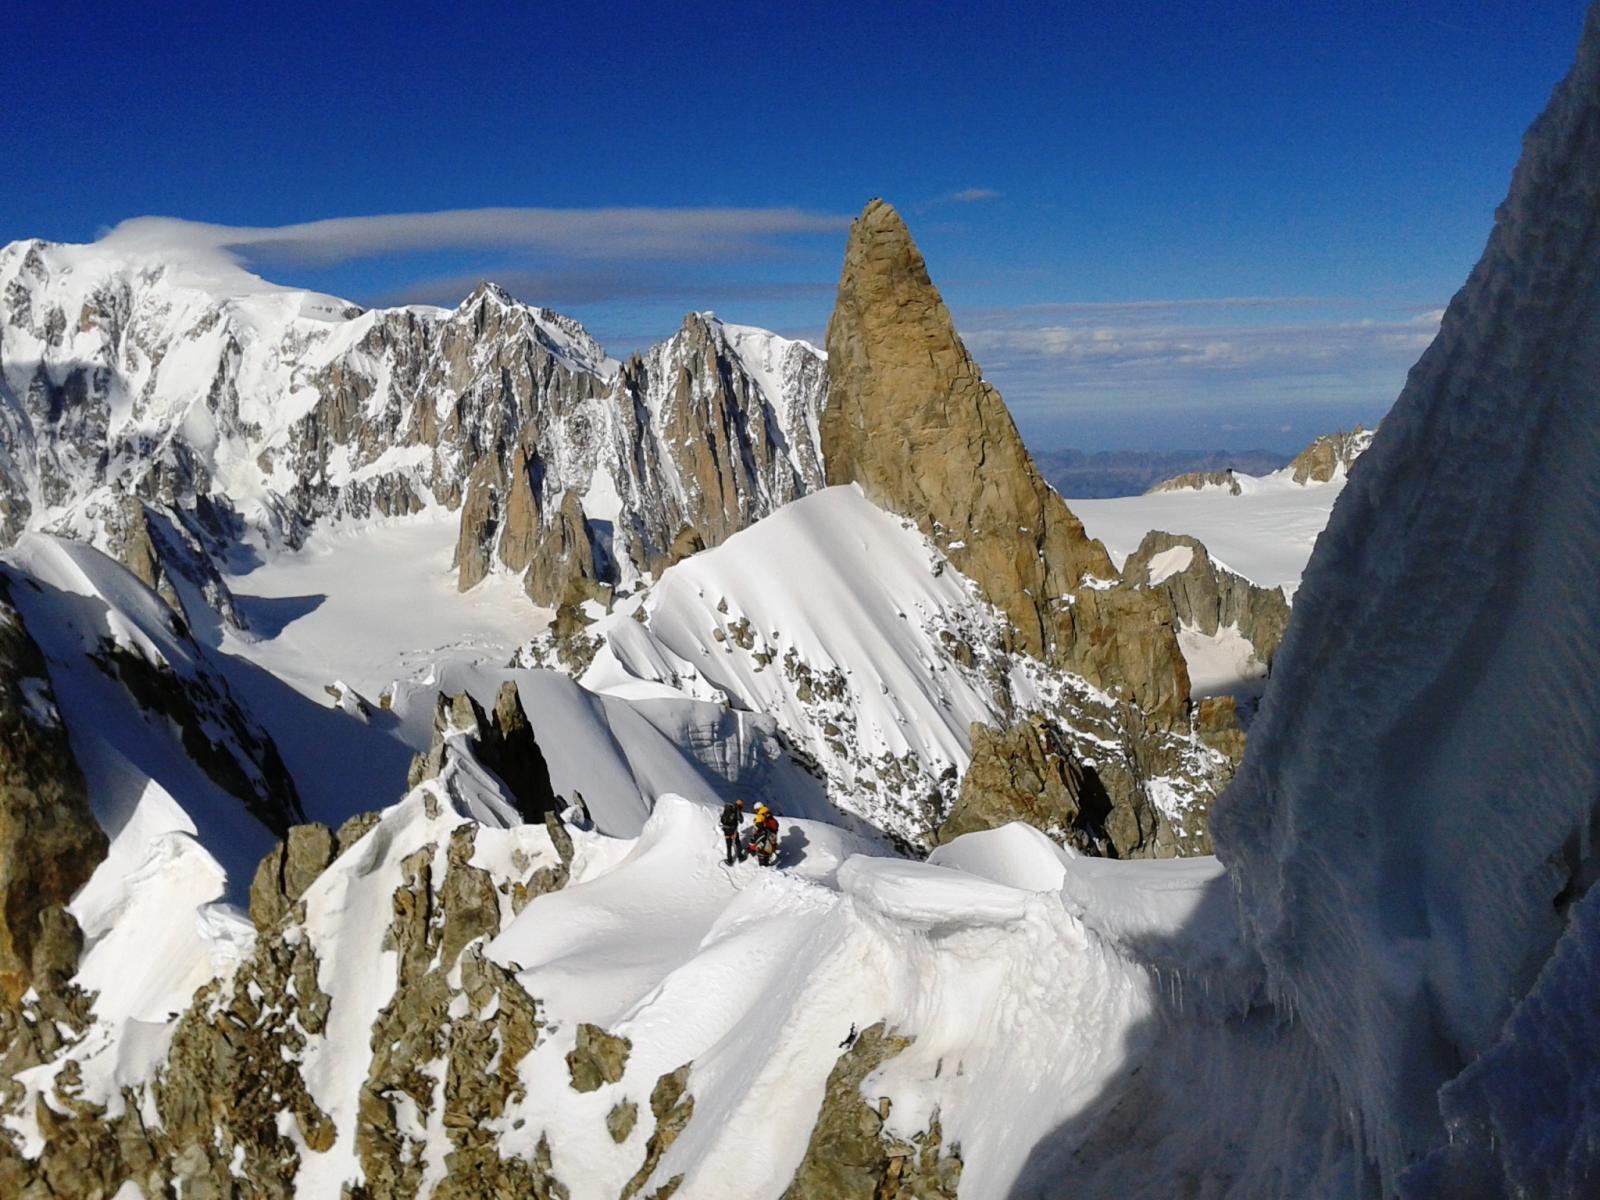 La cresta di Rochefort vista dall'arrivo della seconda doppia dall'Aig. de Rochefort